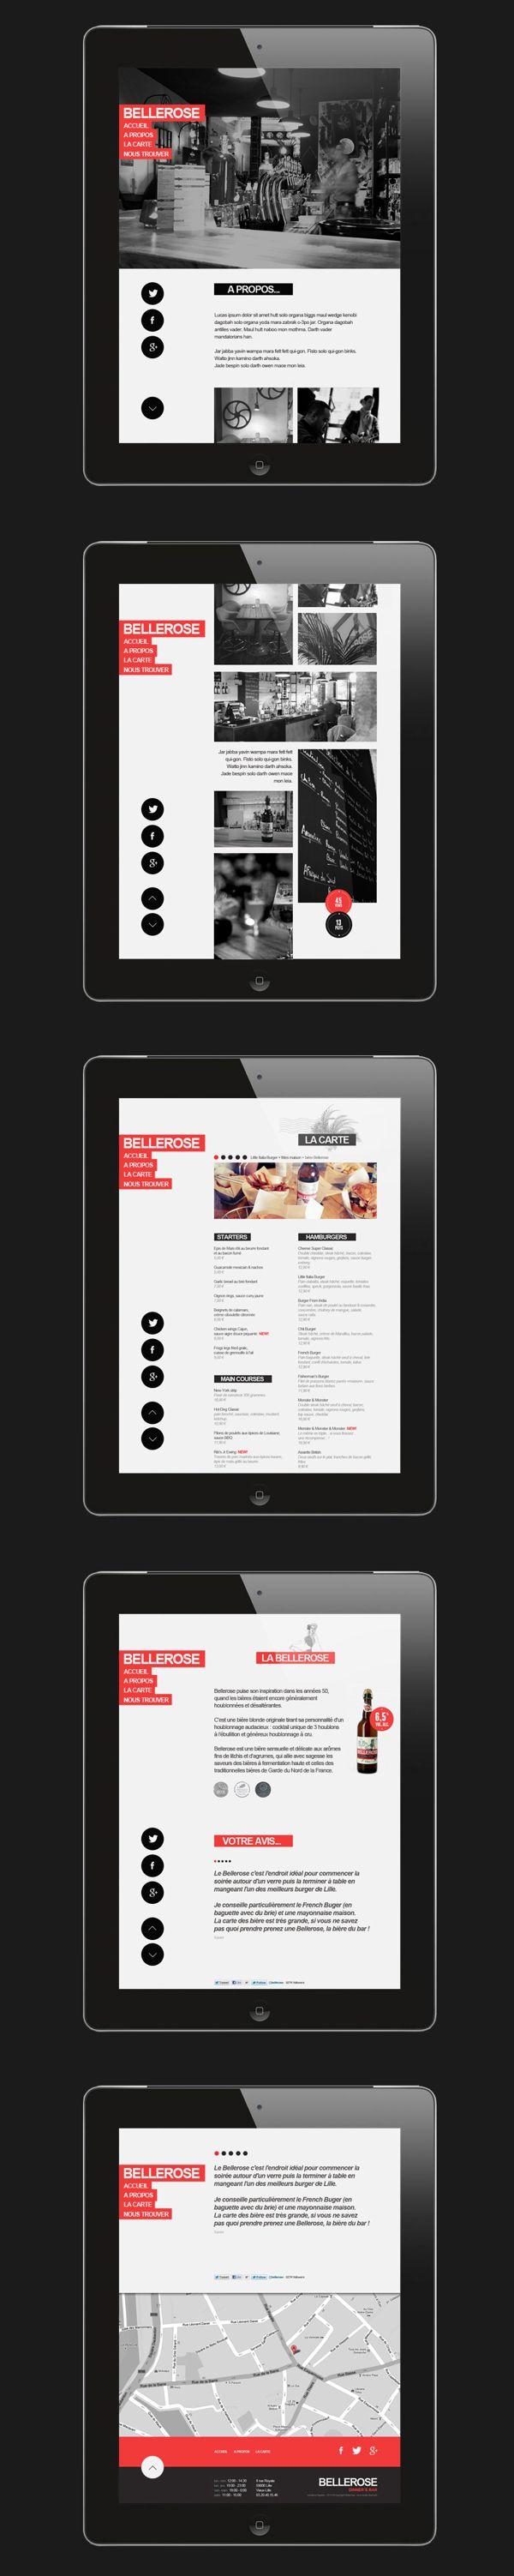 Web | Bellerose Concept by Thomas Le Corre, via Behance - navigation #tablet #ui #design http://www.pinterest.com/alextcsung/